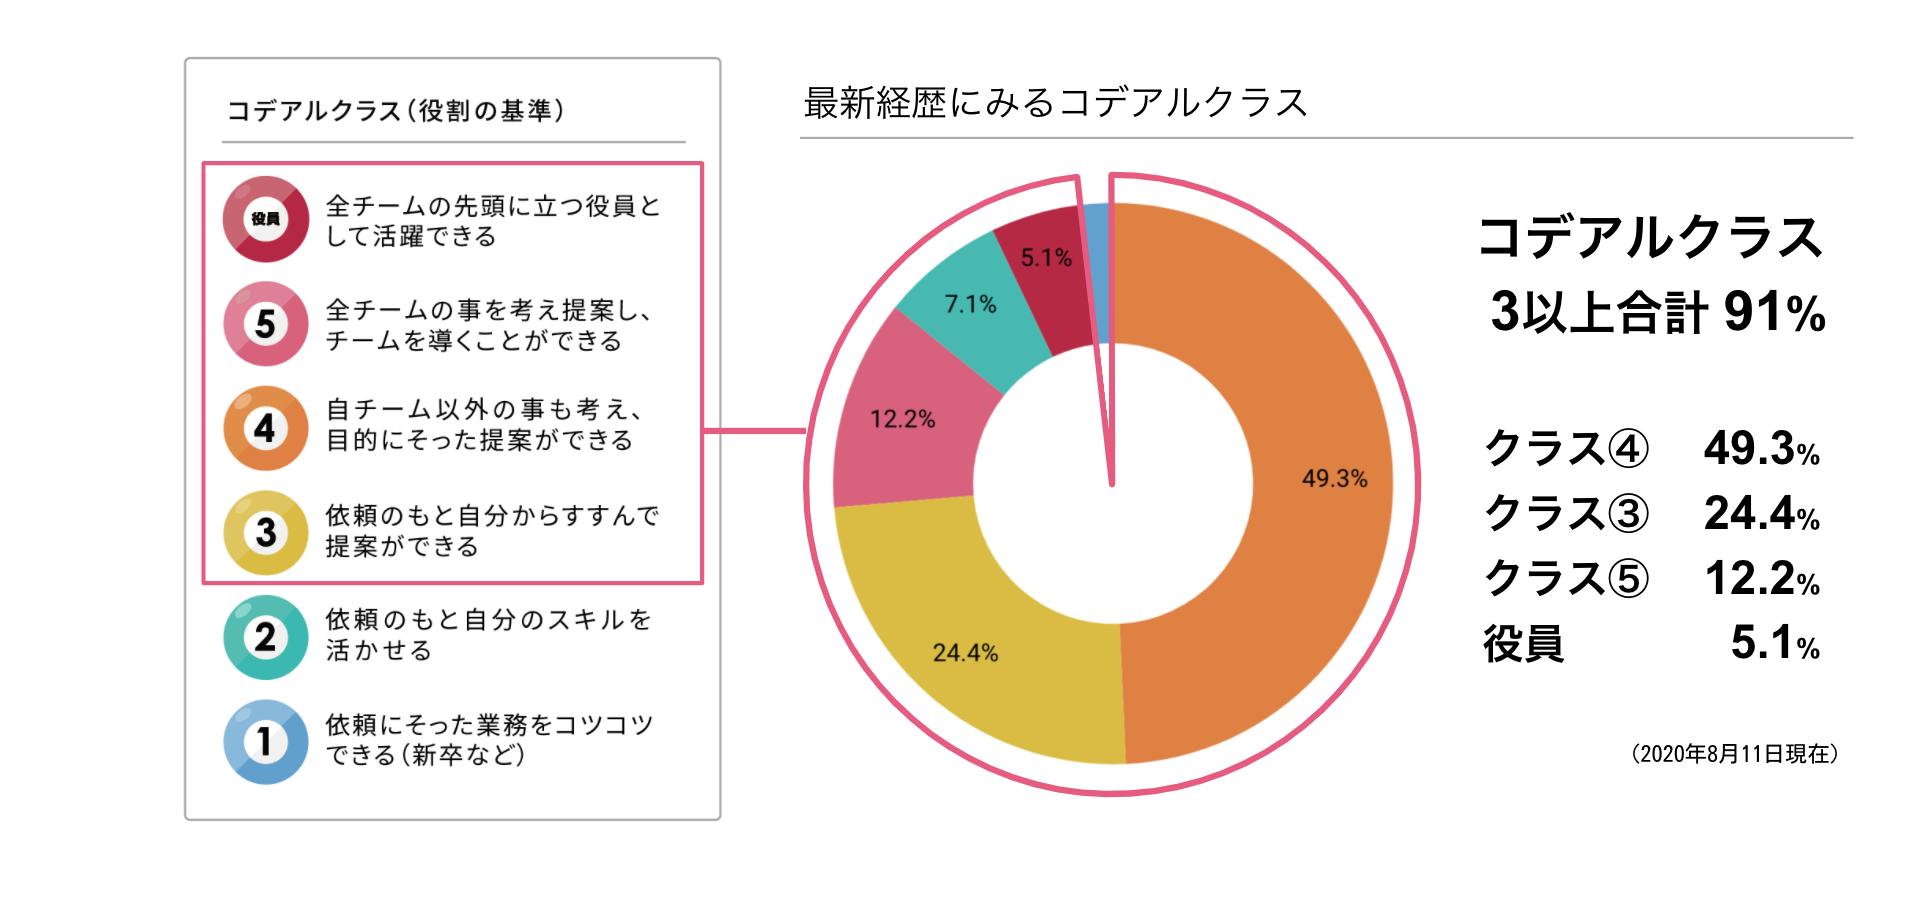 コデアルクラス3以上が91%